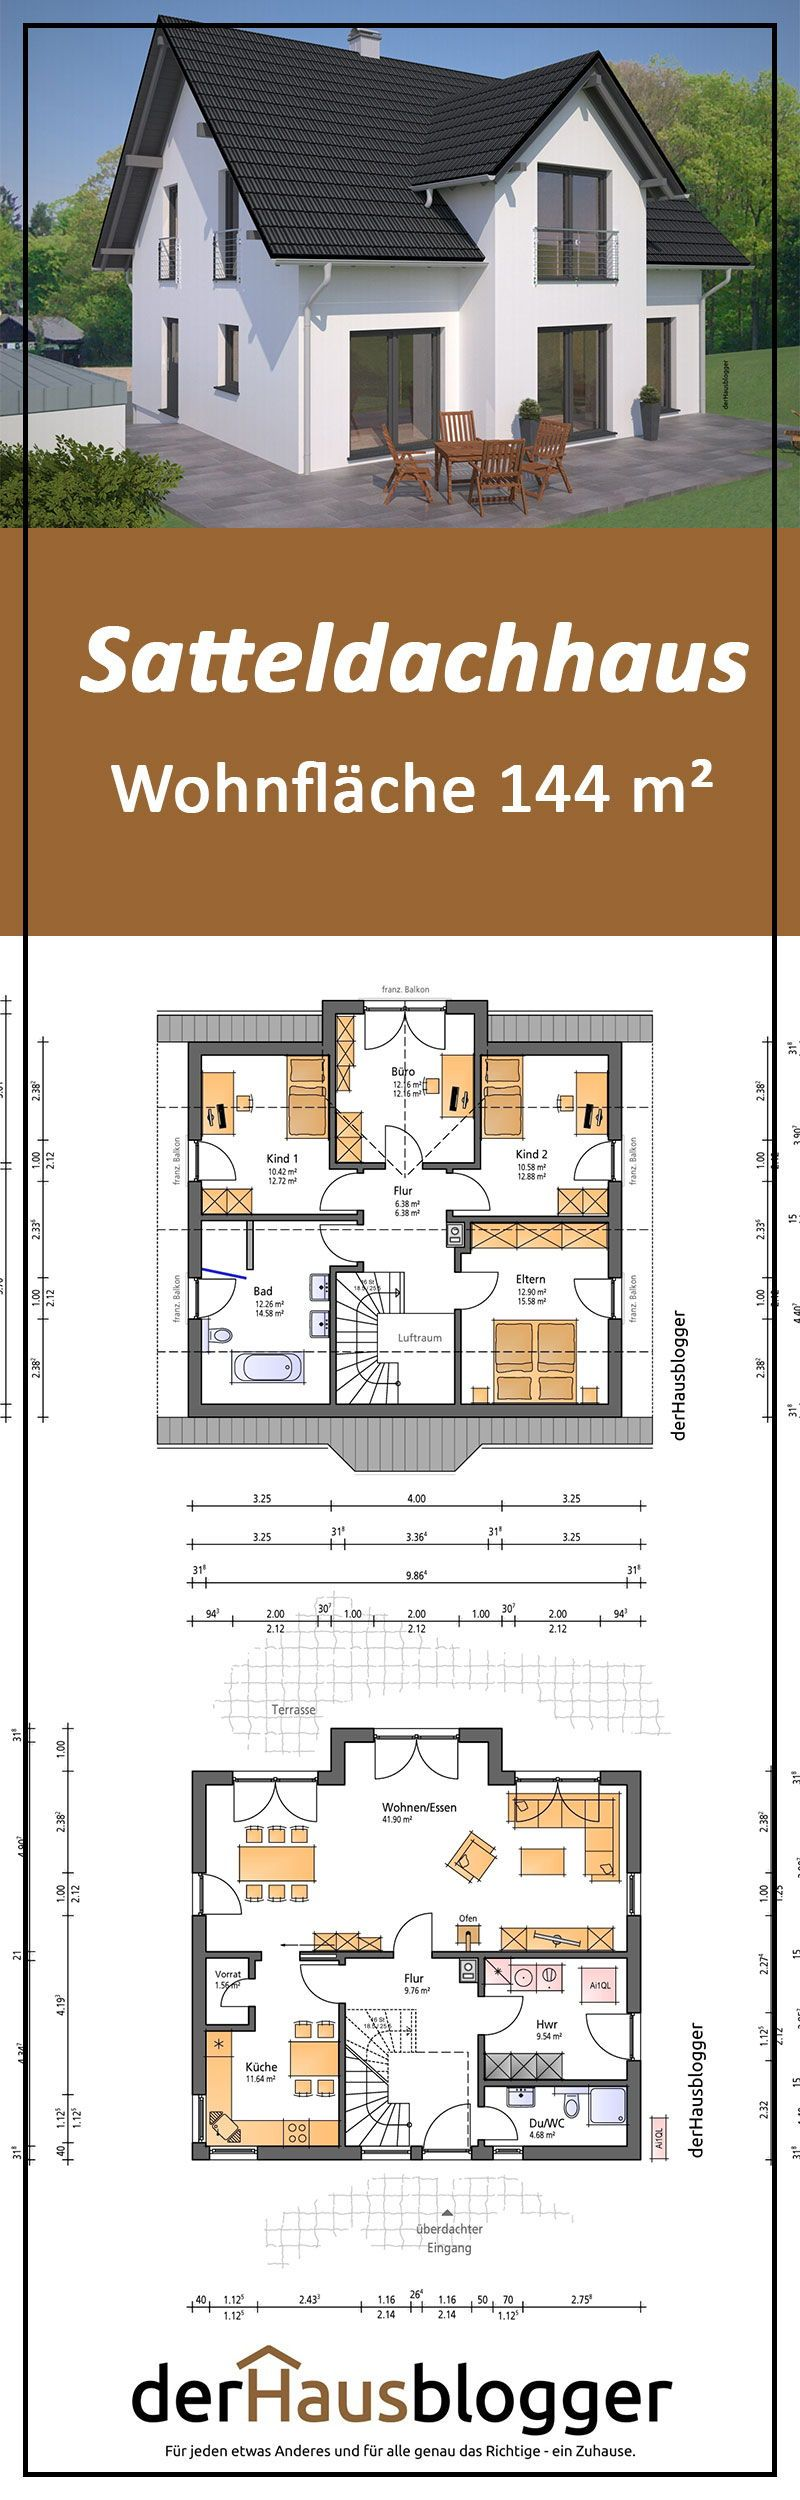 Planungen und Grundrisse für Ihr neues Zuhause